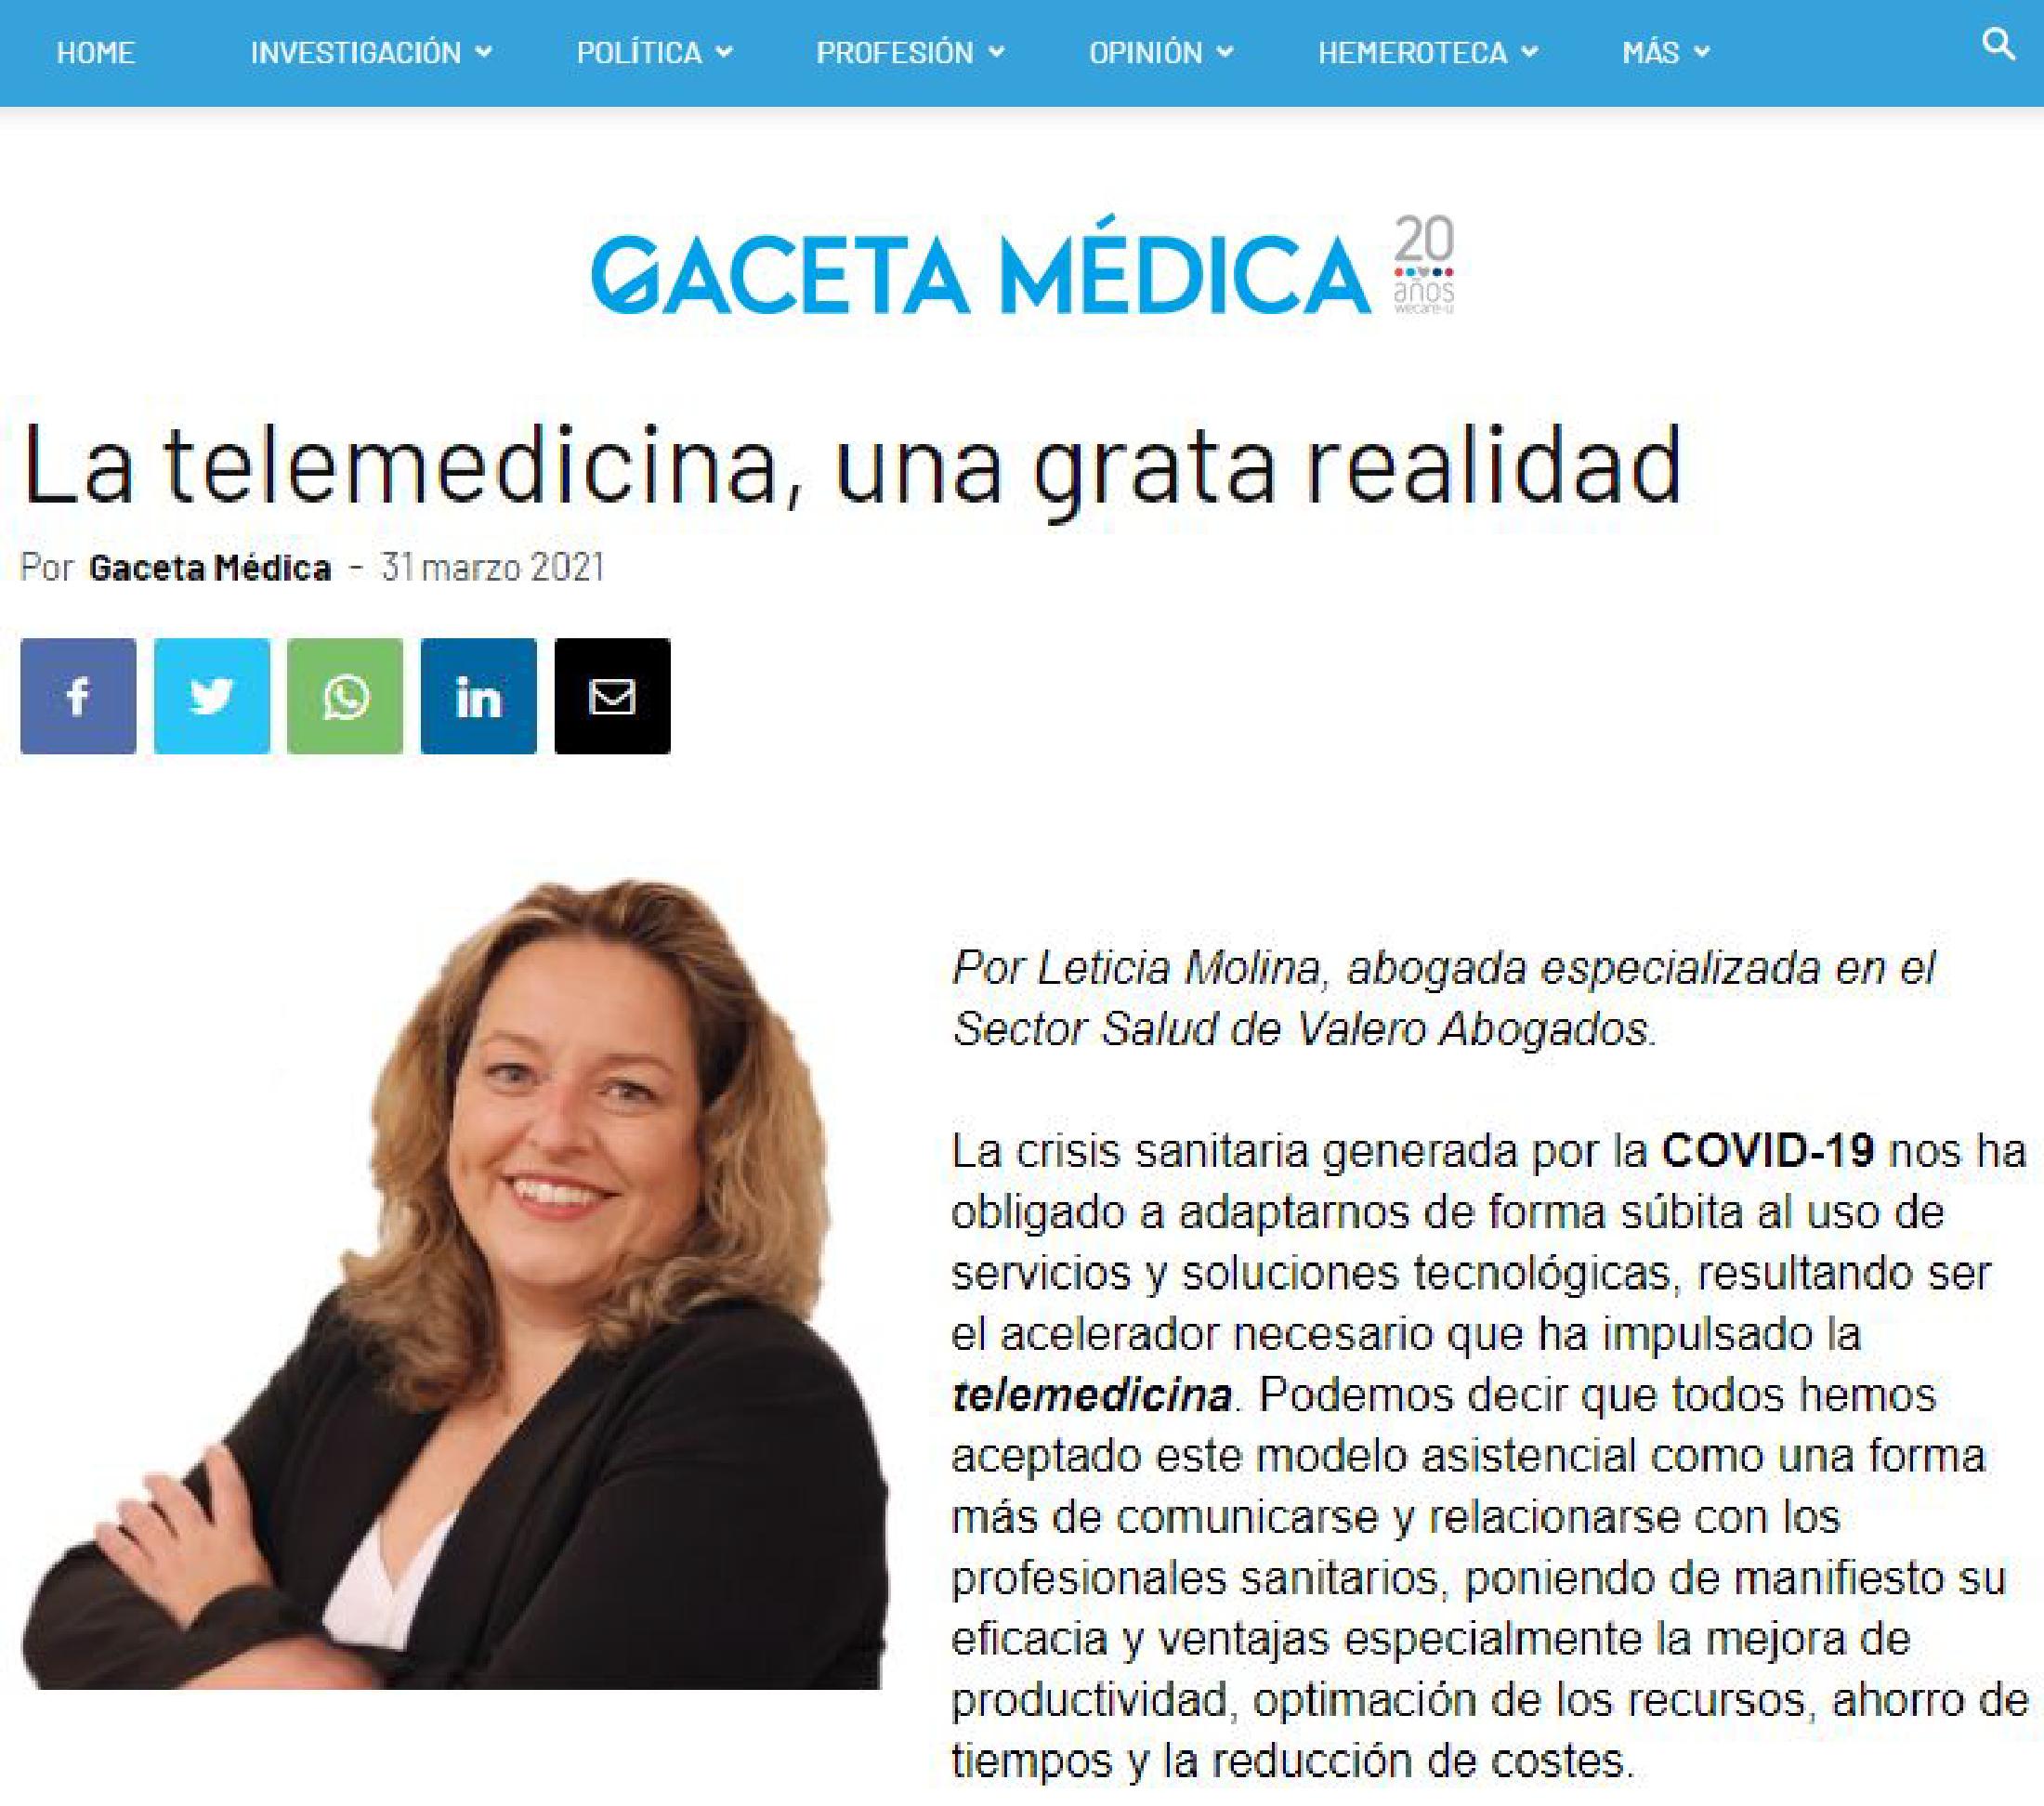 Gaceta Médica - La telemedicina, una grata realidad - Valero Abogados